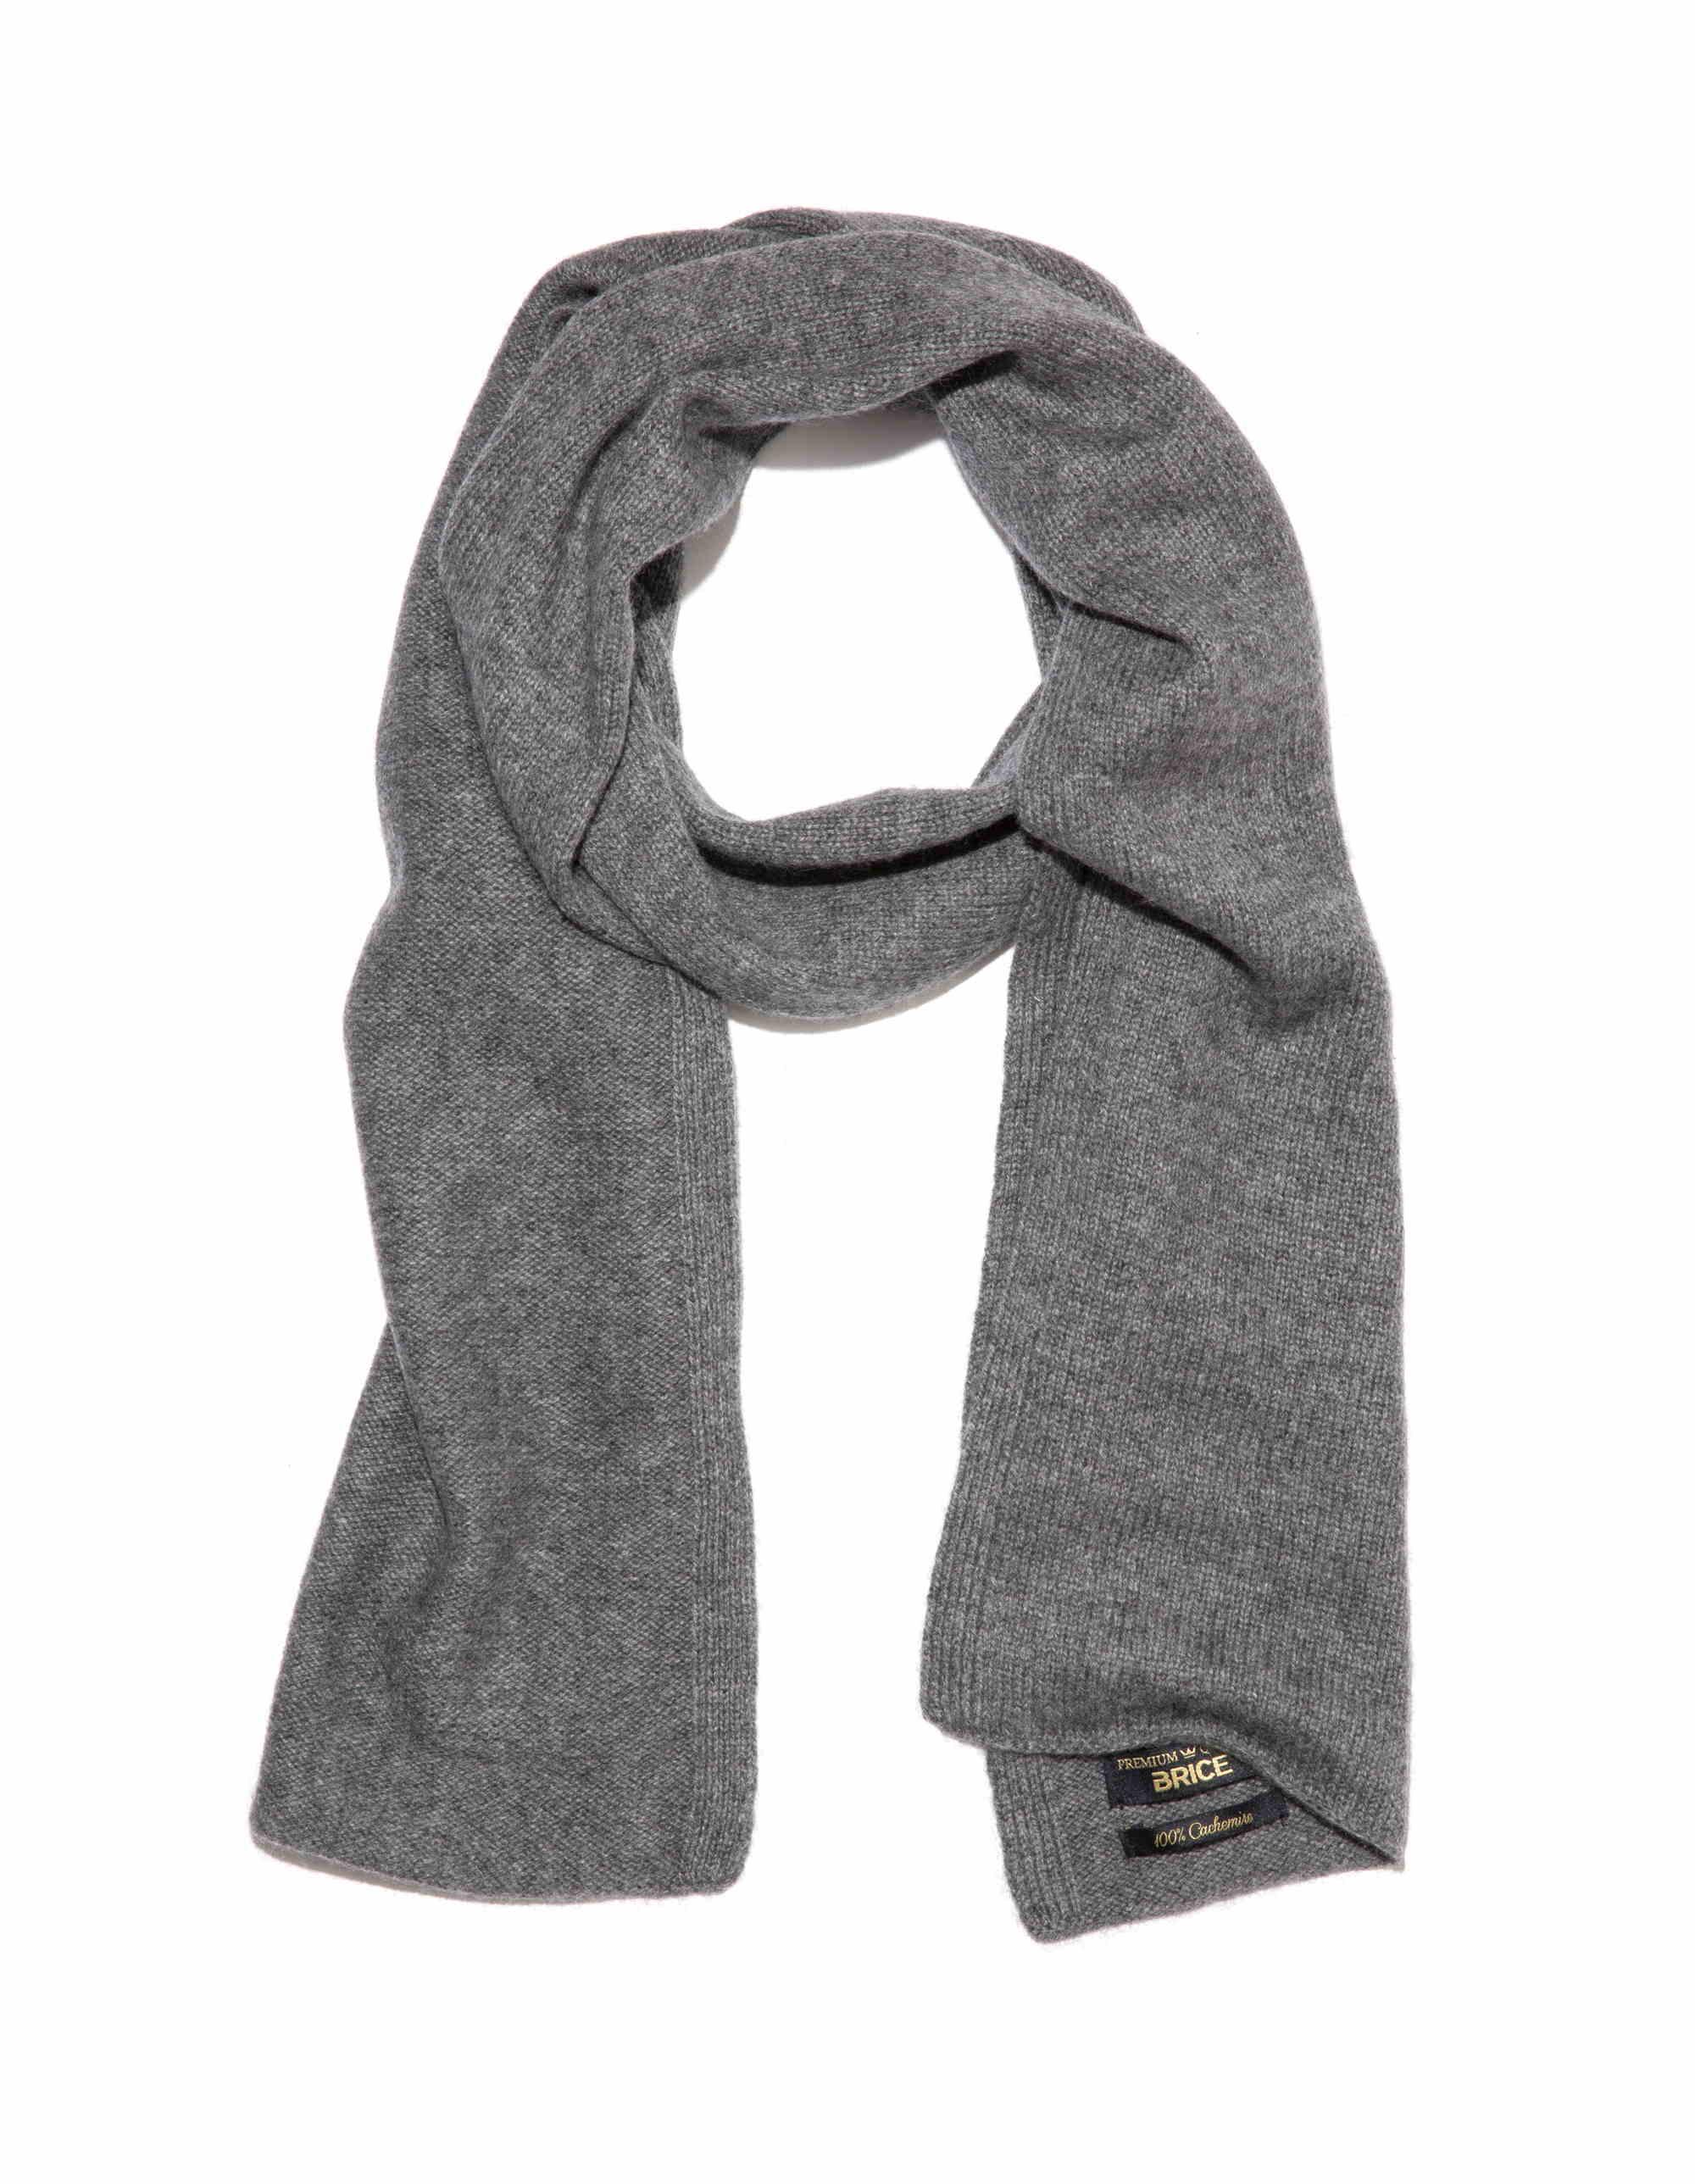 067eb5339945 Echarpe cachemire gris clair - Idée pour s habiller